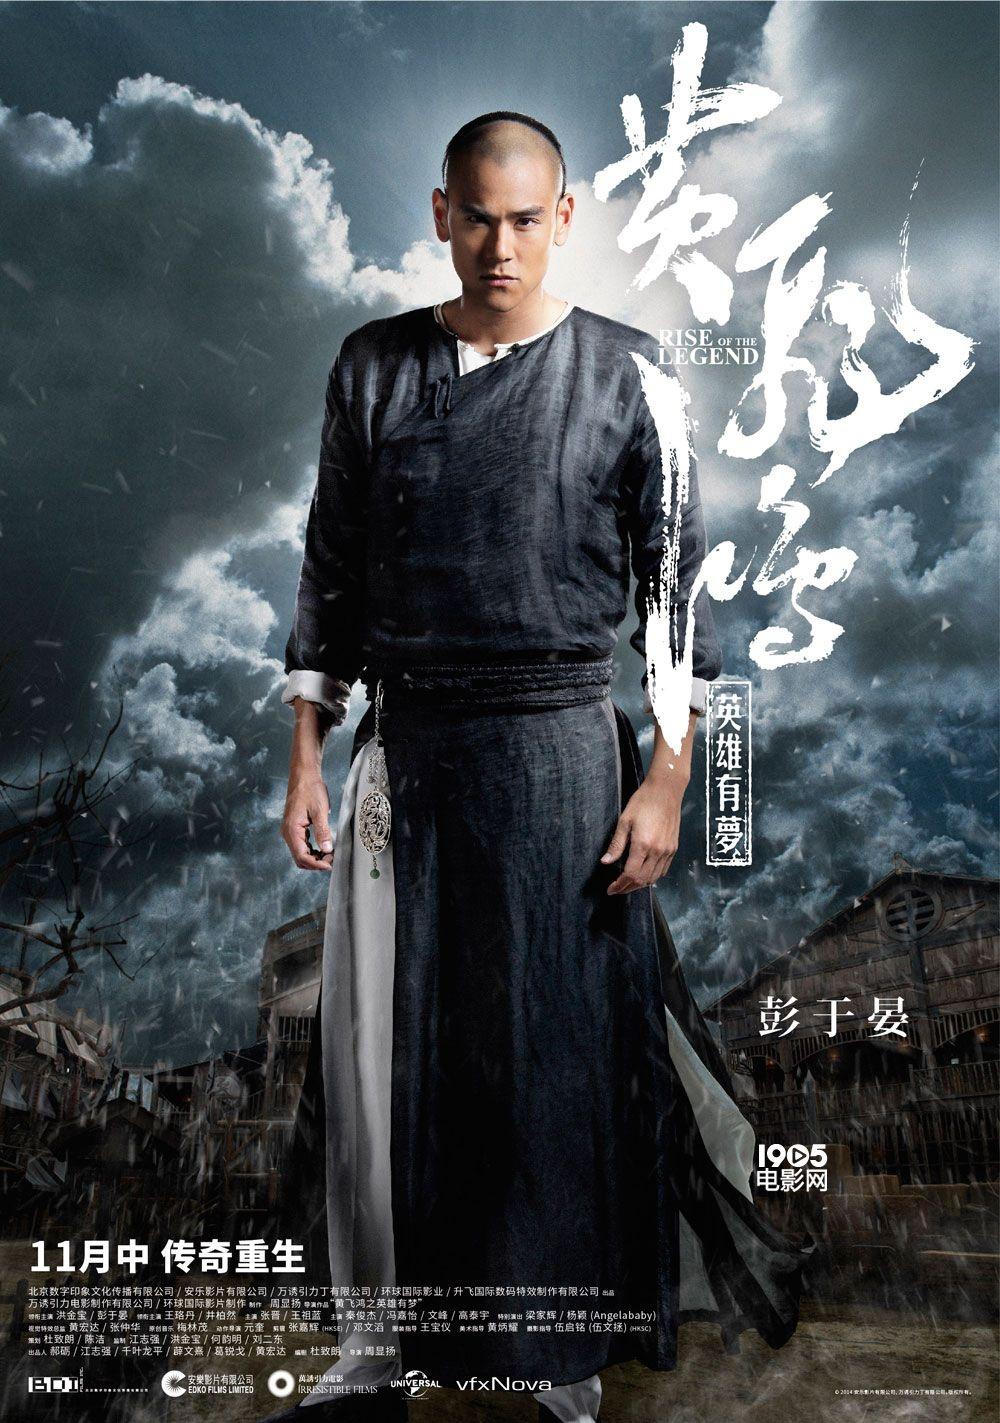 黄飞鸿之英雄有梦 定档11.21 彭于晏铁拳碎石